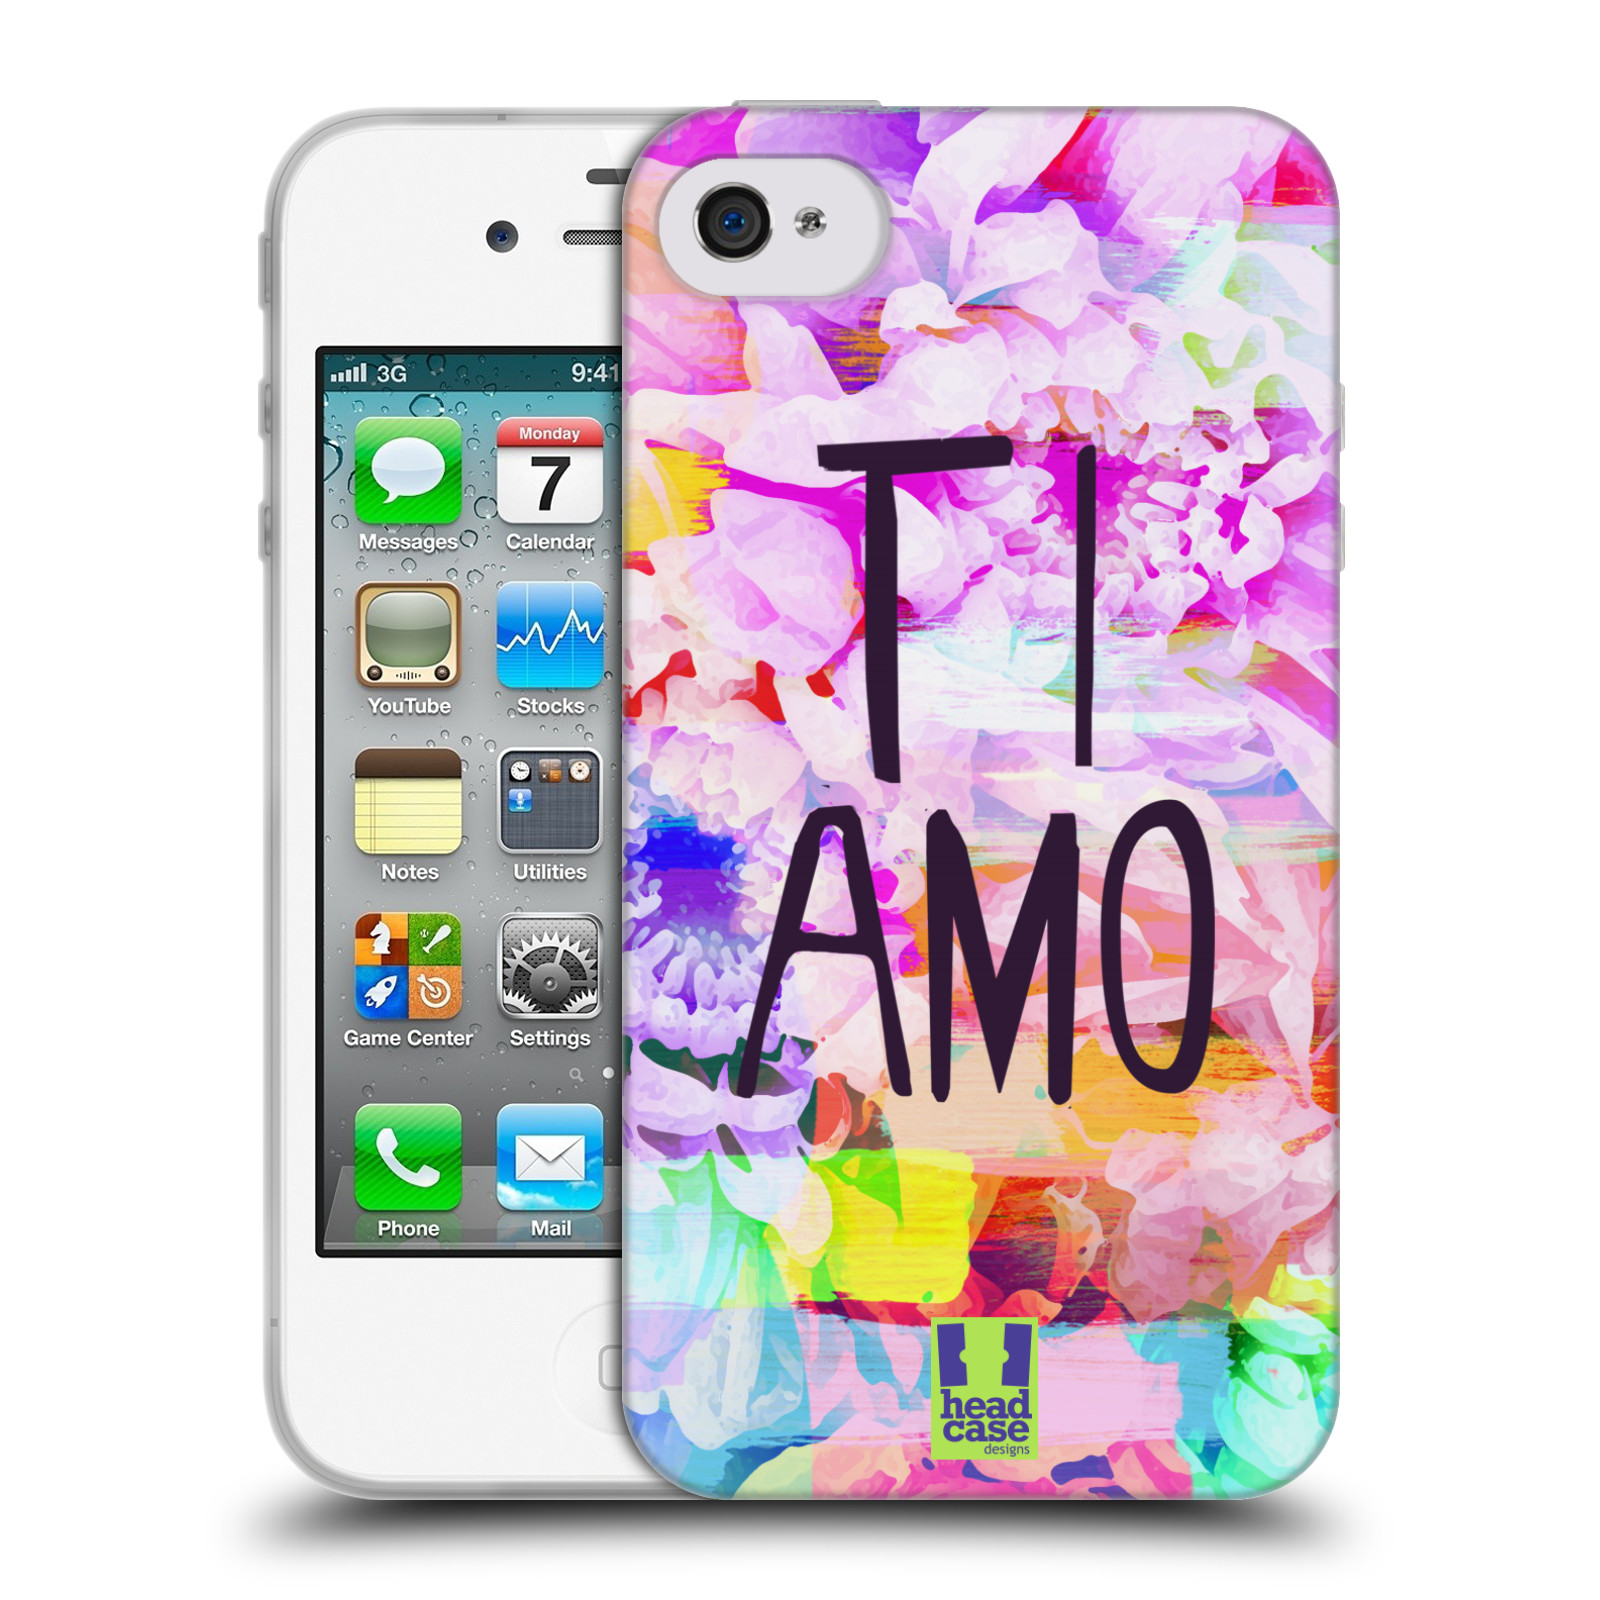 Silikonové pouzdro na mobil Apple iPhone 4 a 4S HEAD CASE Květy Ti Amo (Silikonový kryt či obal na mobilní telefon Apple iPhone 4 a 4S)